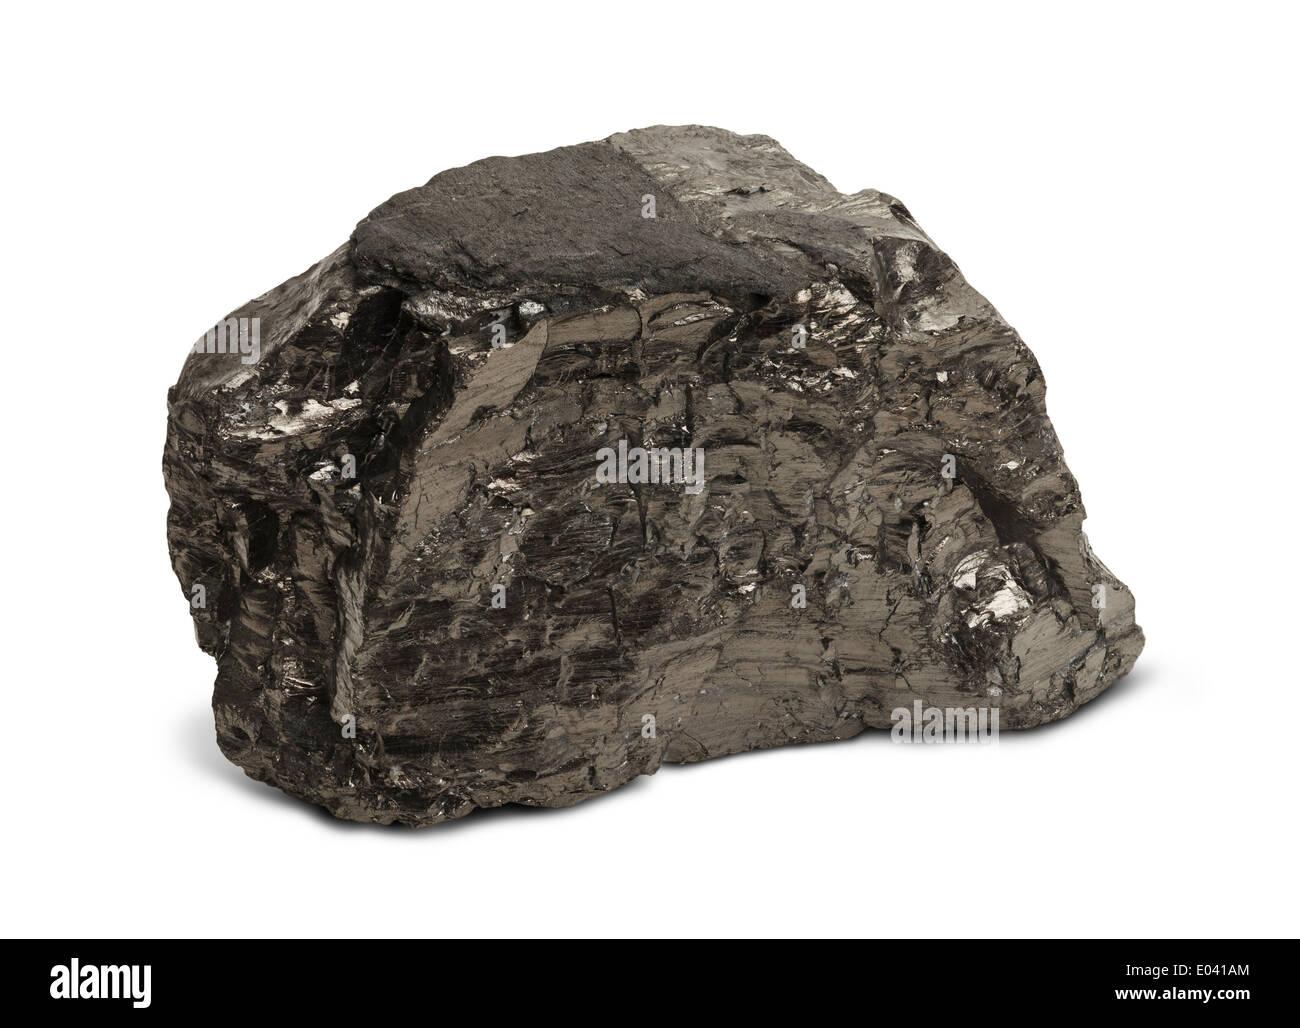 Seul morceau de charbon noir isolé sur fond blanc. Banque D'Images